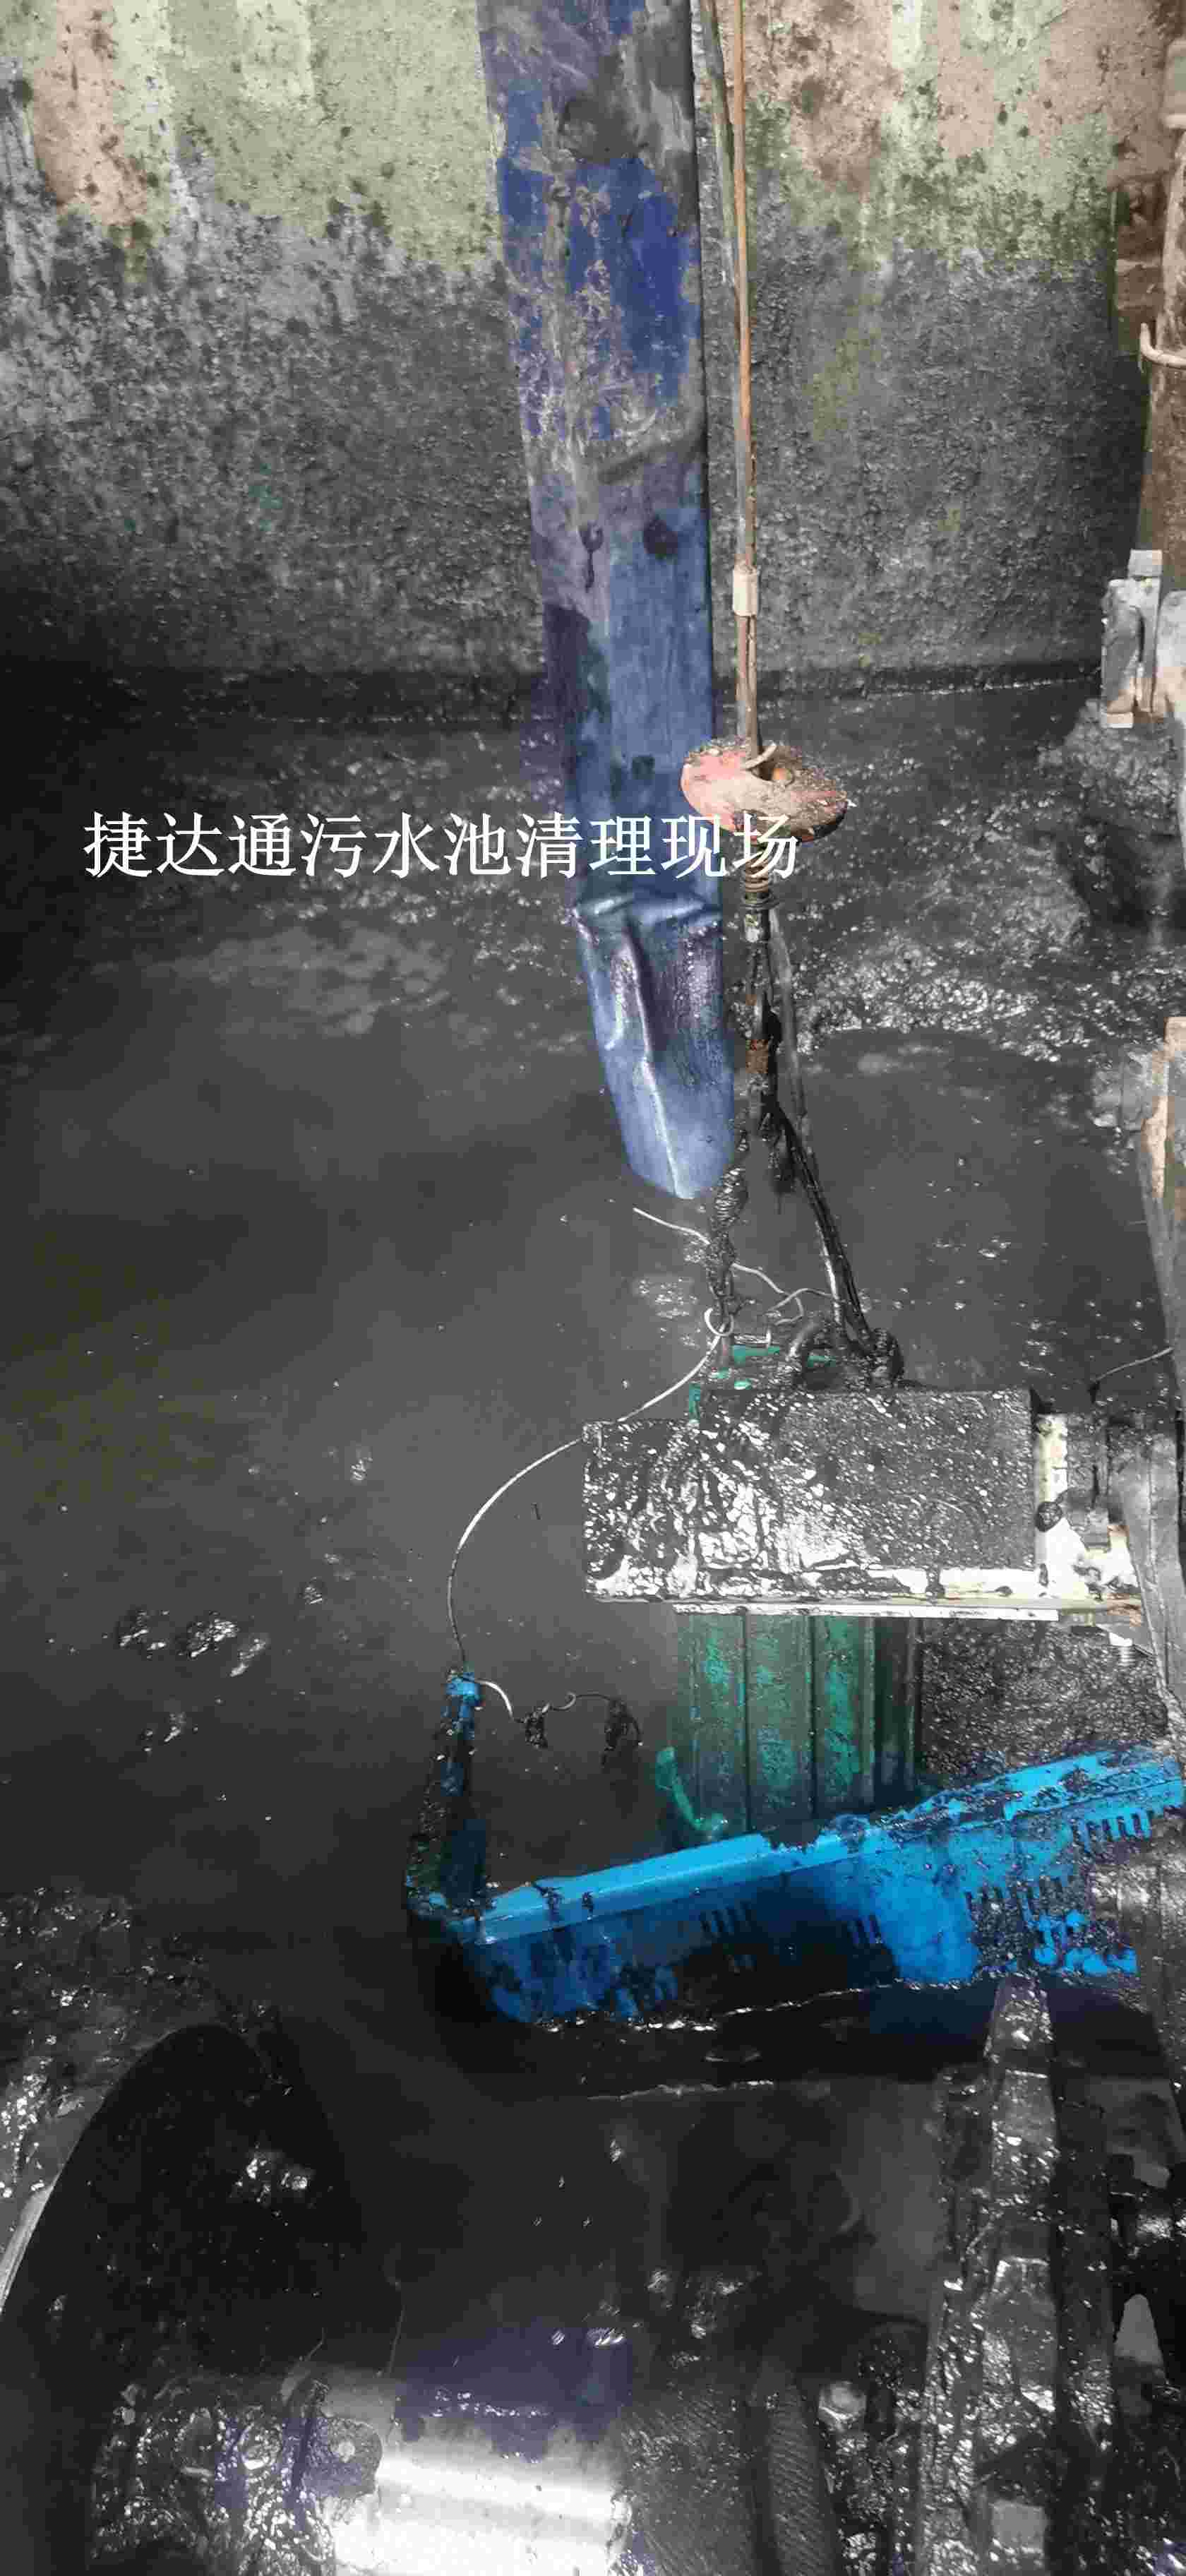 氧化池清理公司$淮安市盱眙县污水池清理正确清算污水池办法